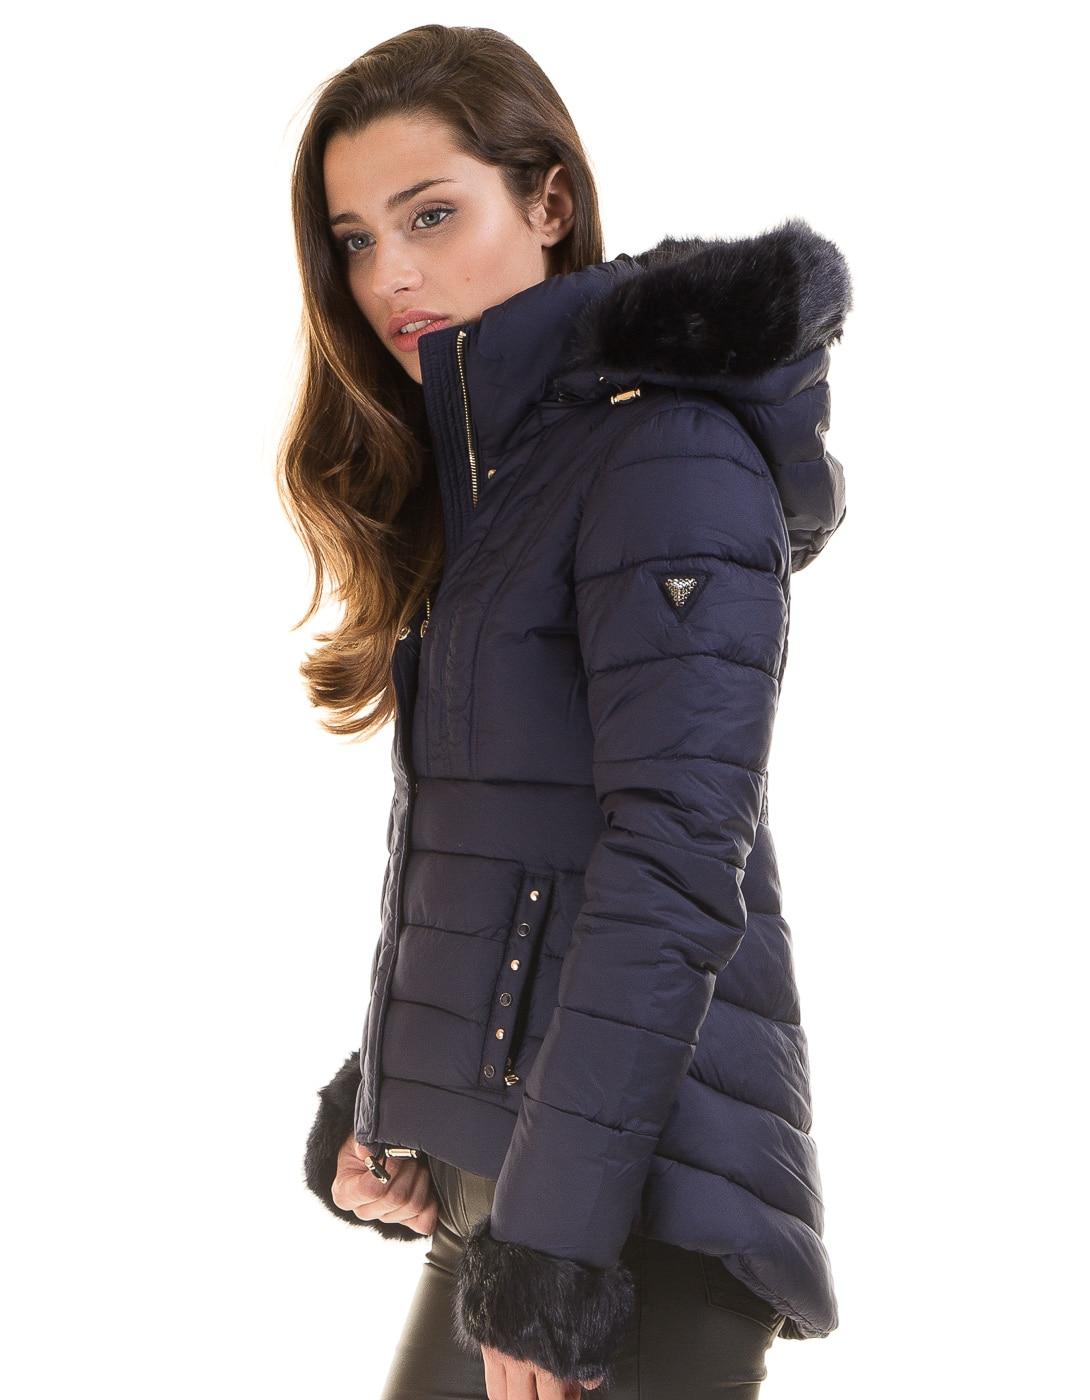 nueva productos f9562 06ea8 Guess abrigo negro acolchado DORIS-in chaquetas básicas from ...